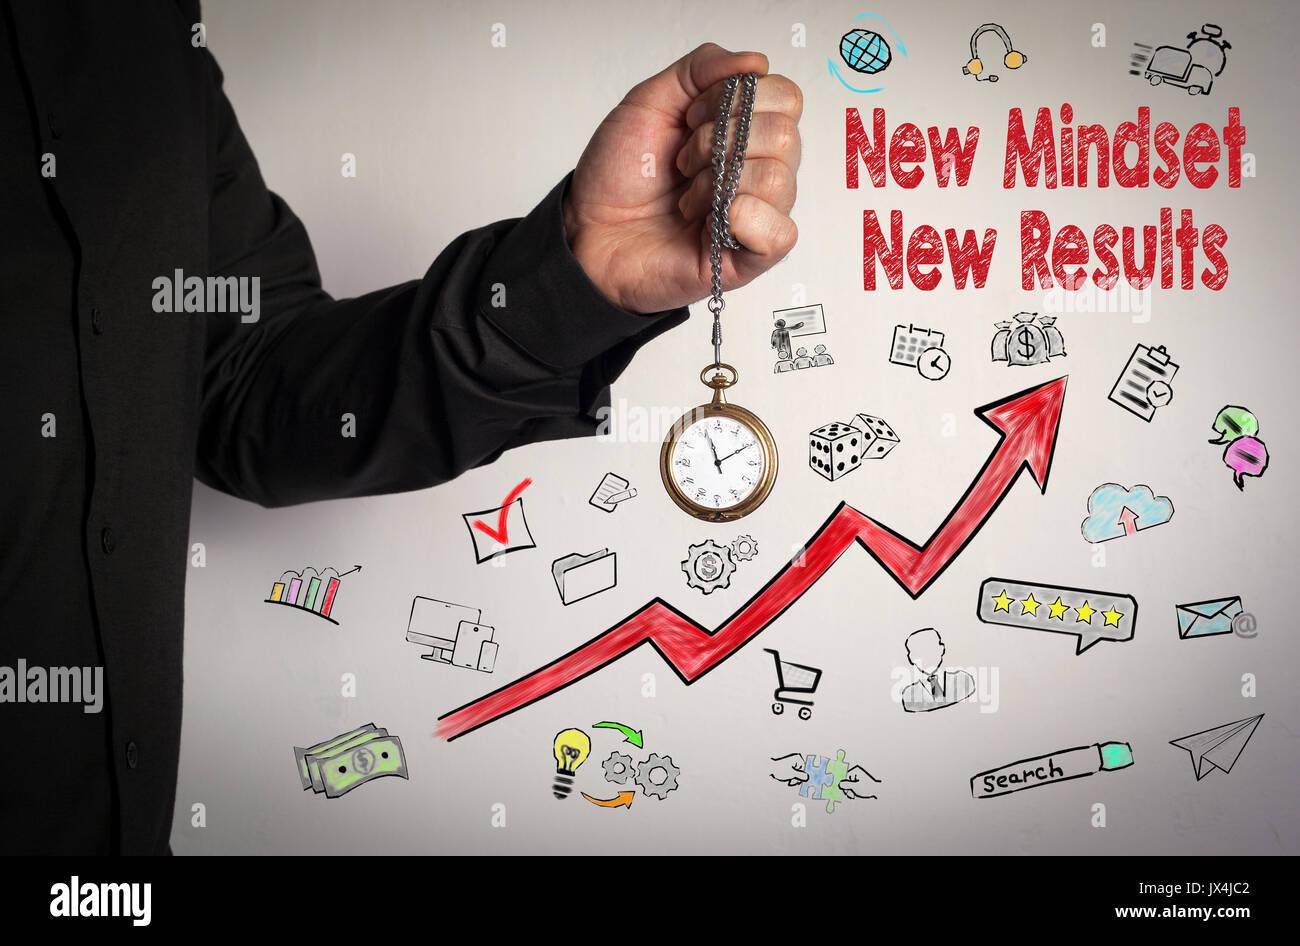 Nuova mentalità nuovi risultati concetto. freccia rossa e le icone intorno. uomo con orologio a catena su sfondo bianco. Immagini Stock